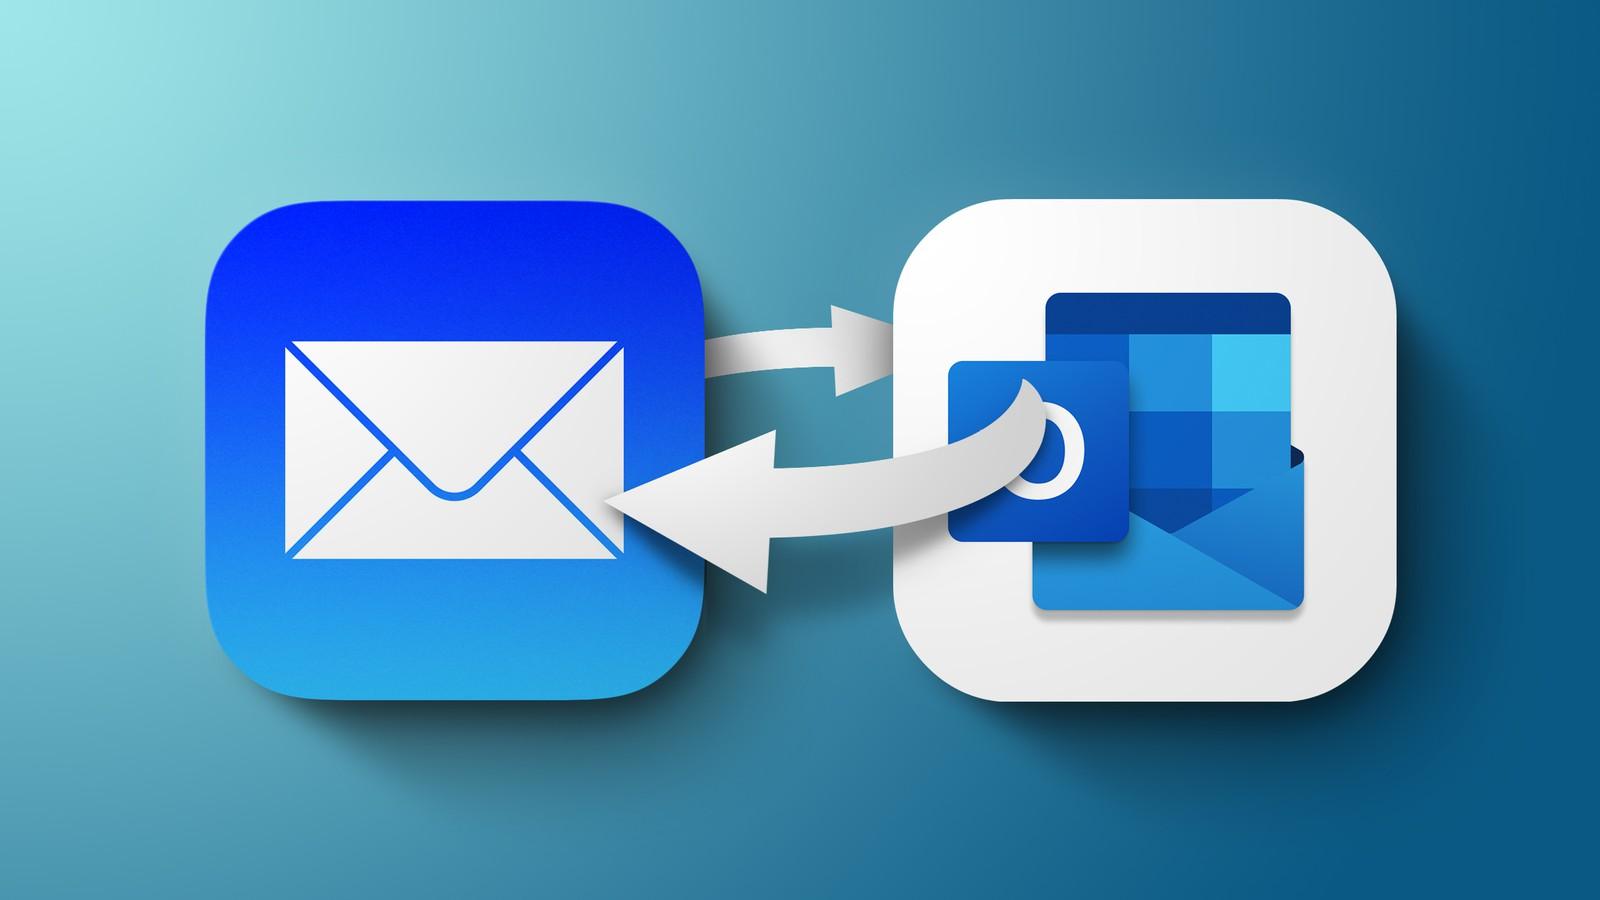 Microsoft Outlook si můžete nastavit v iOS 14 jako výchozí aplikaci